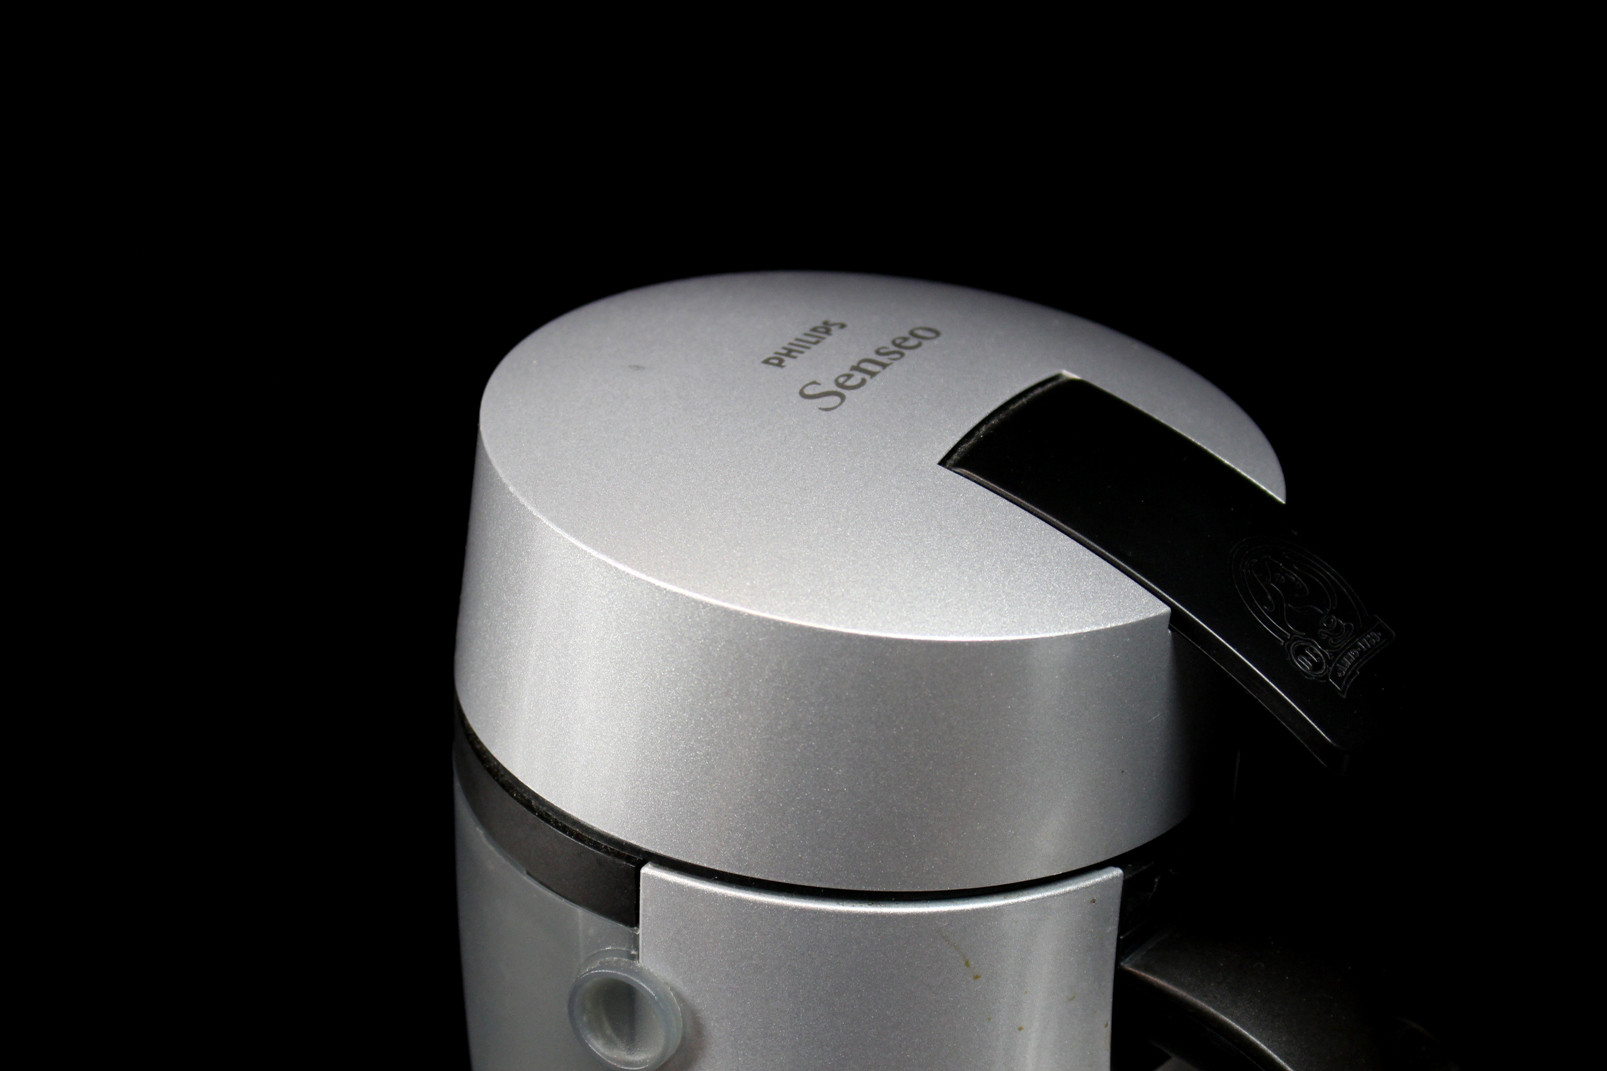 philips senseo hd 7812 kaffee padmaschine silber 1 2 tassen espresso maschine. Black Bedroom Furniture Sets. Home Design Ideas